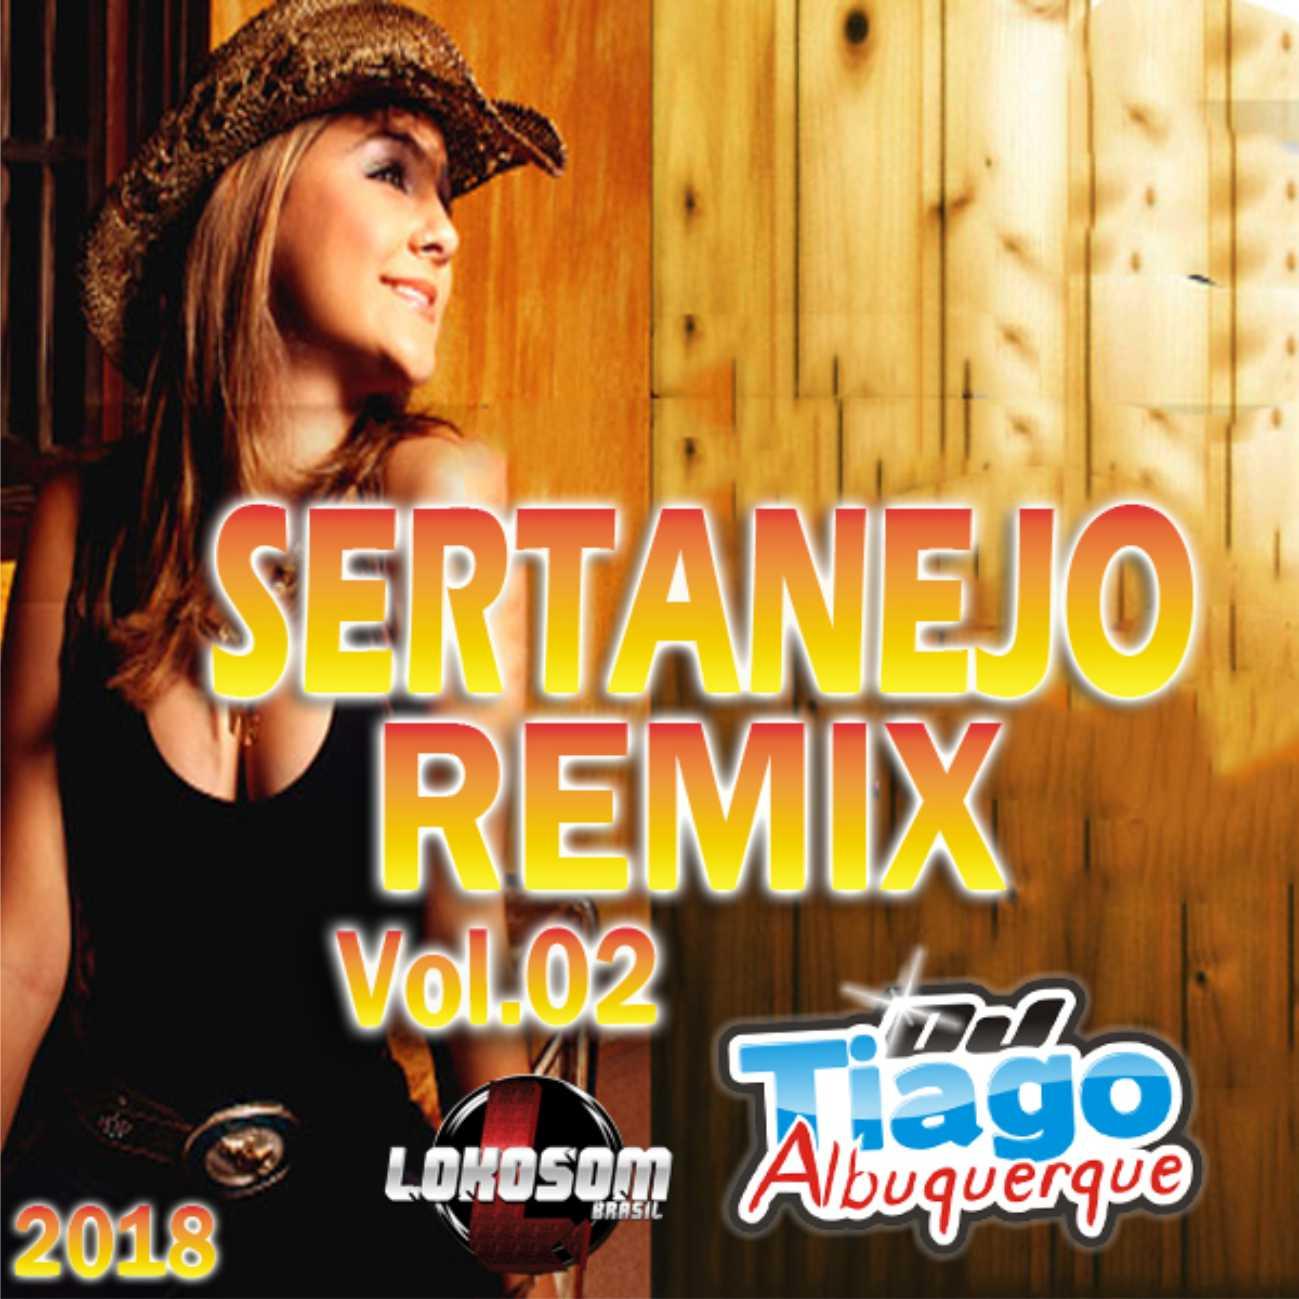 dj tiago albuquerque sertanejo remix vol.04 2012